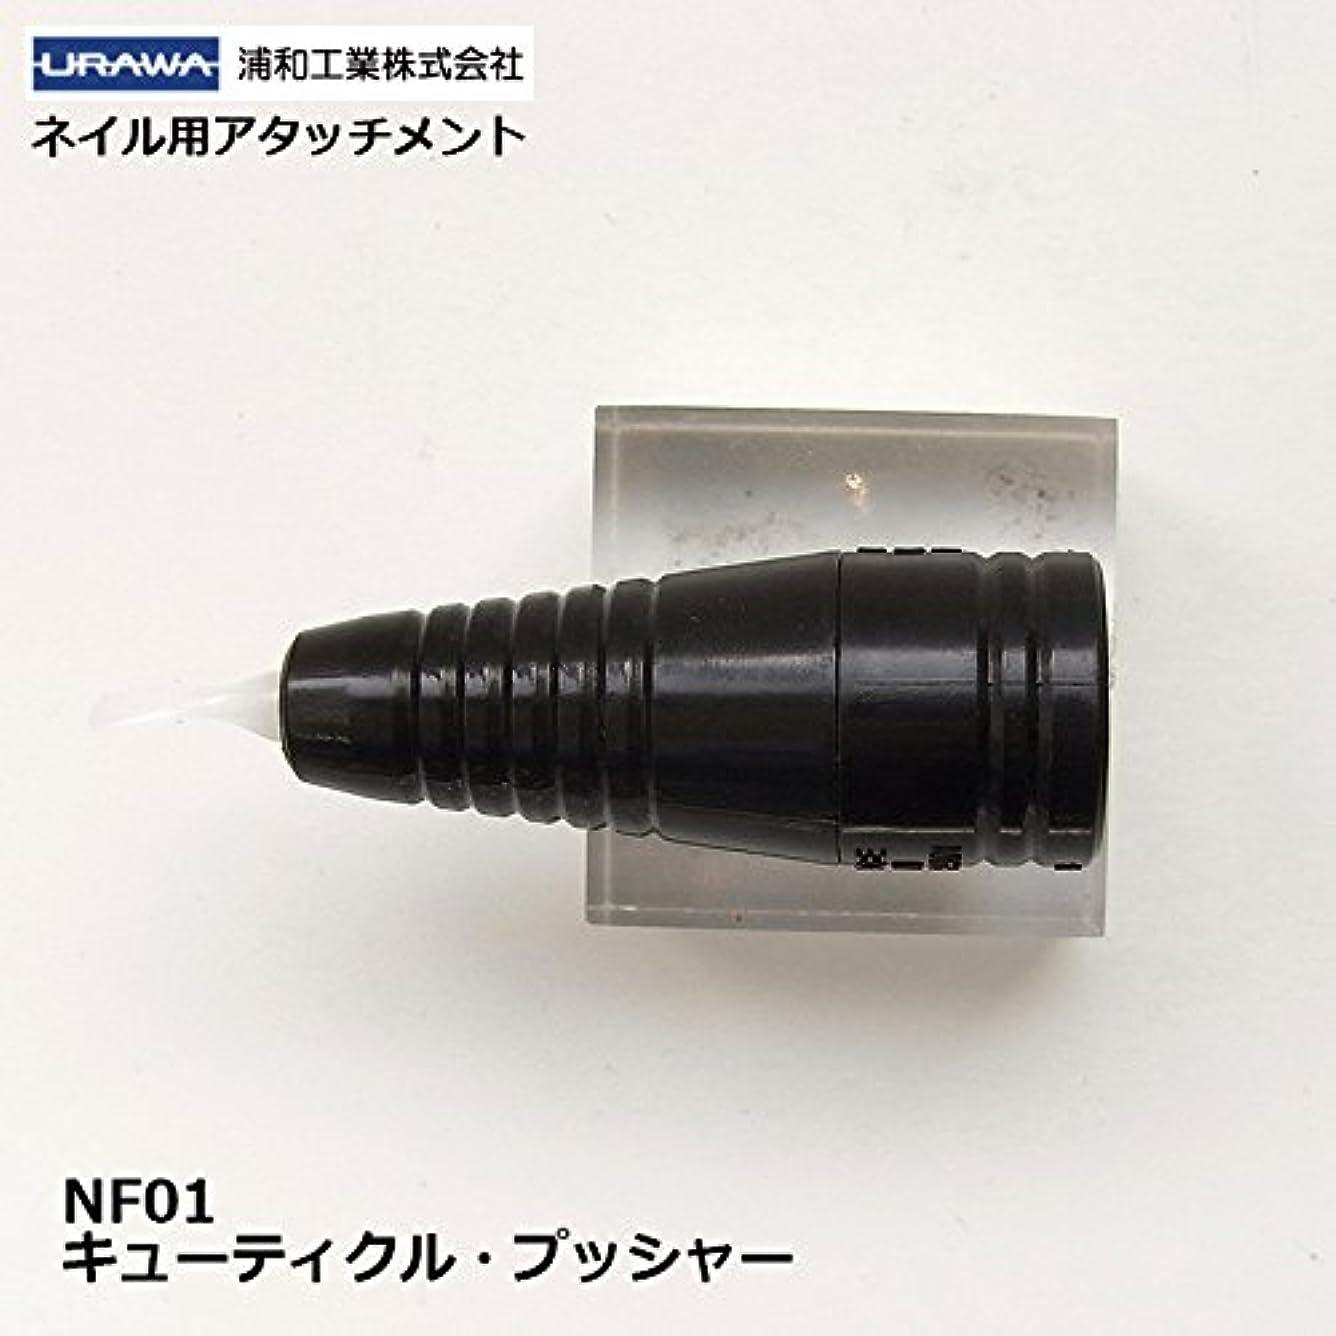 不適セミナー冷蔵する【URAWA】キューティクル?プッシャー(NF01)【ネイル用アタッチメント】